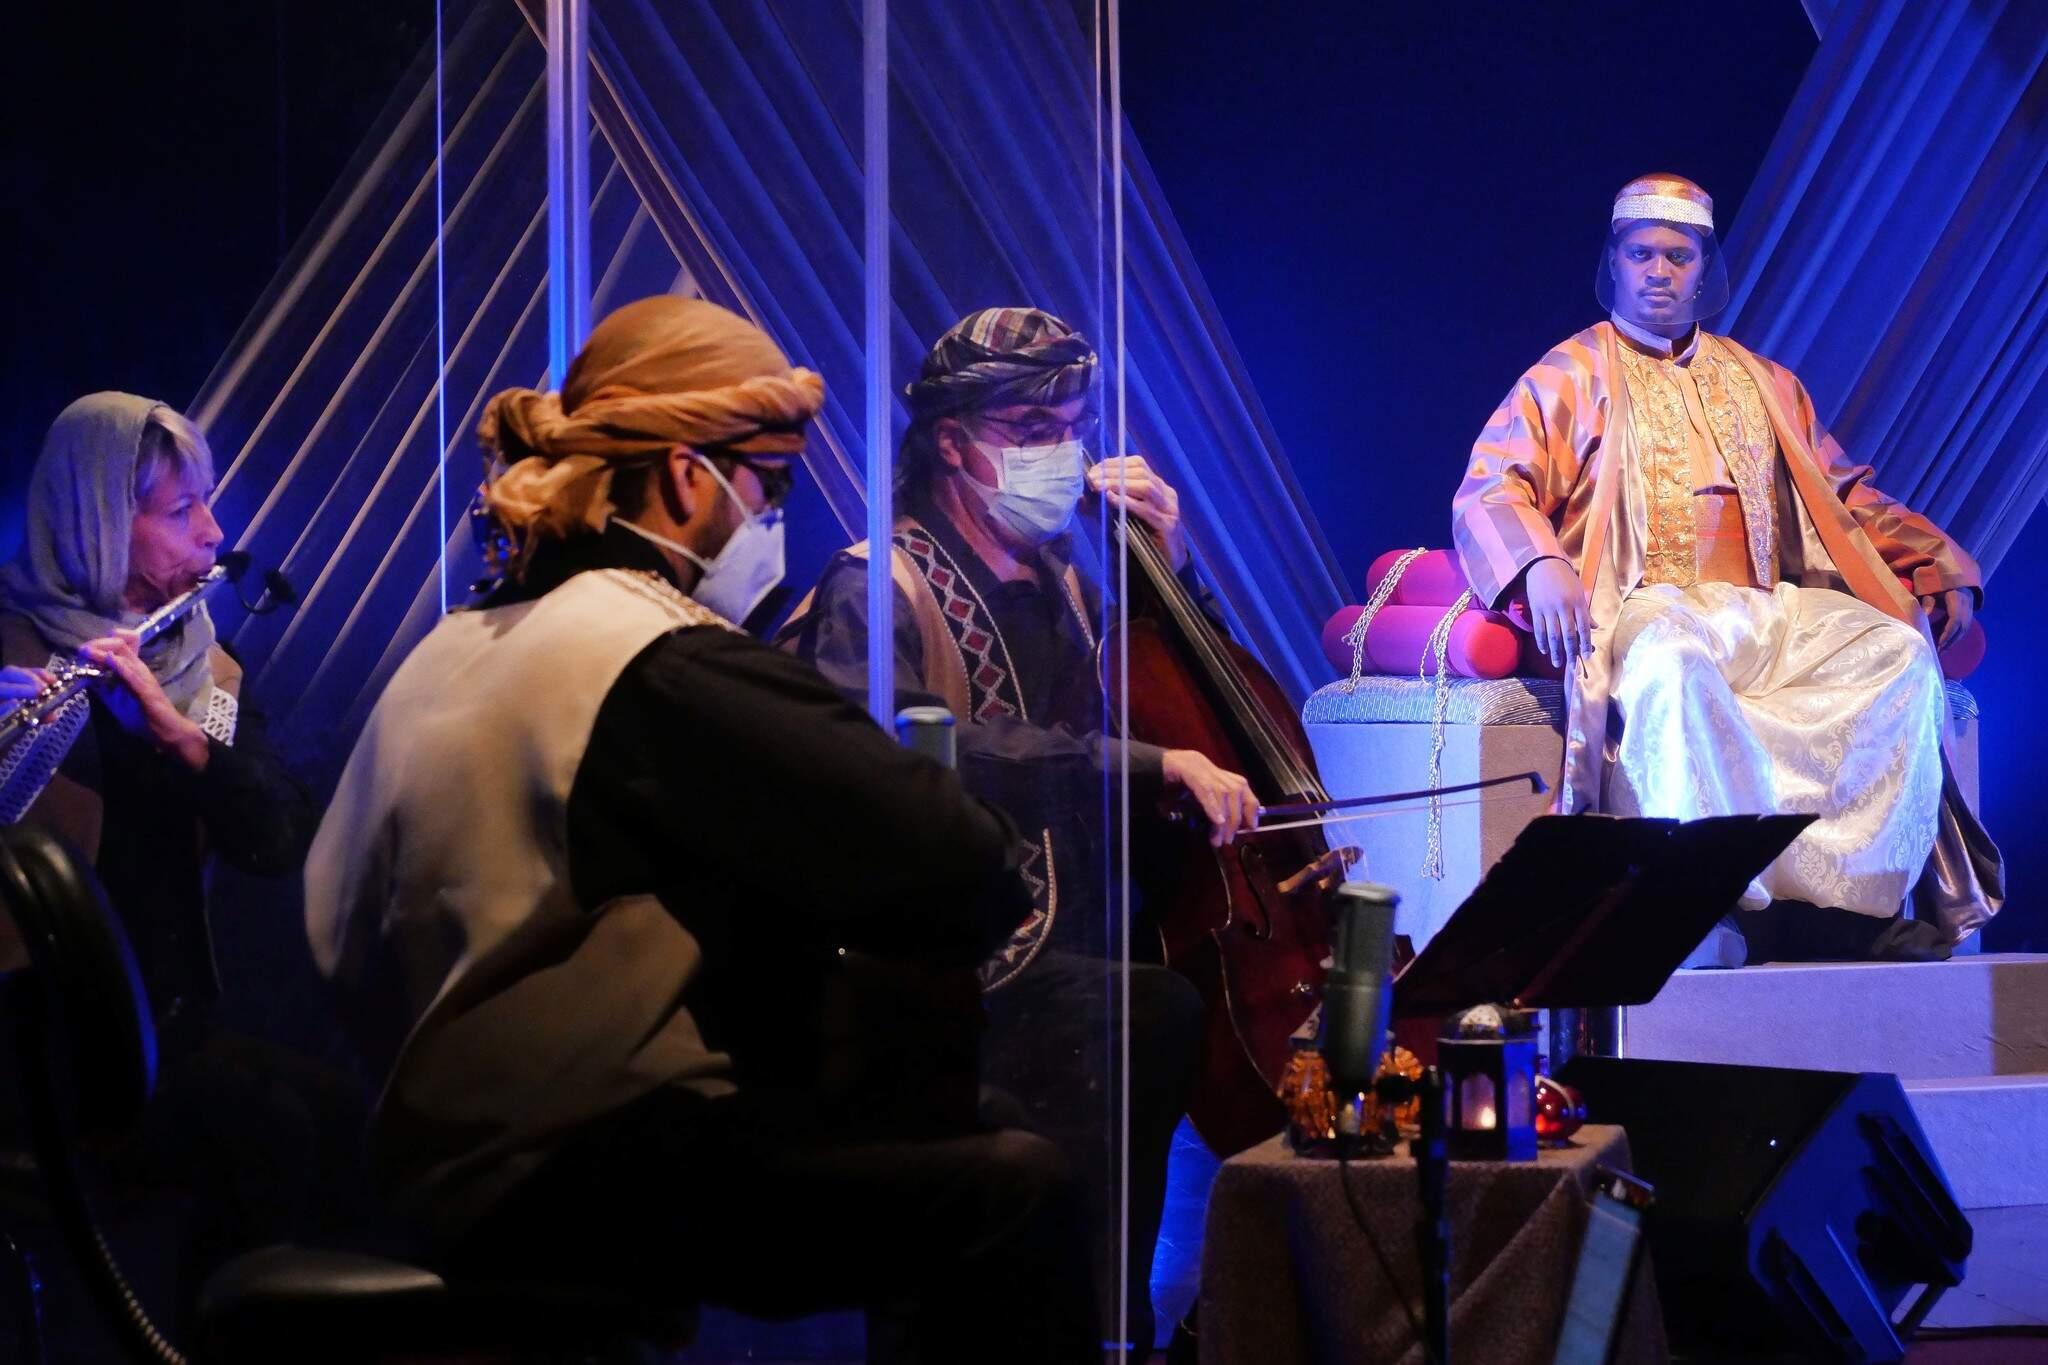 Entre os participantes, tanto músicos quanto os atores utilizaram equipamento de proteção individual (Foto: Guarim de Lorena)